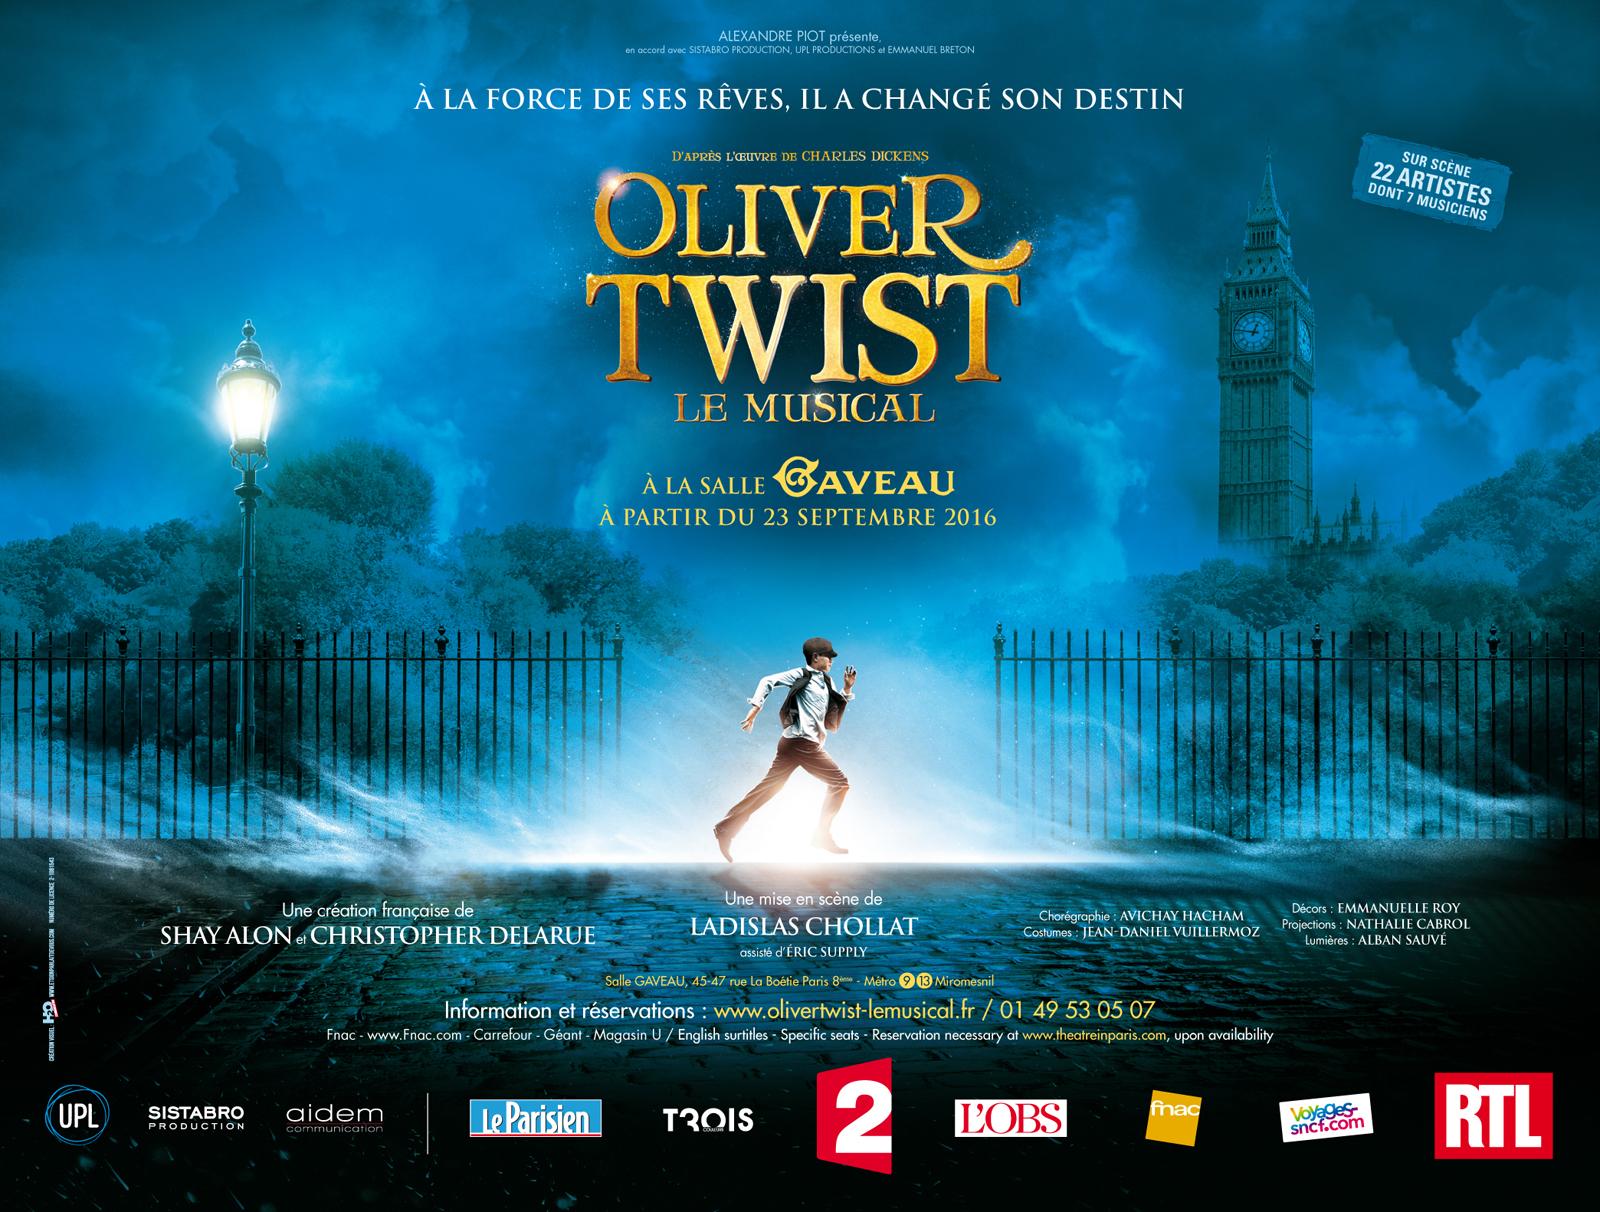 Affiche-spectacle-Oliver-Twist-le-musical-Salle-Gaveau-Paris-à-partir-du-23-septembre-2016-création-française-de-Shay-Alon-Christophe-Delarue-mise-en-scène-Ladislas-Cholat-Charles-Dickens